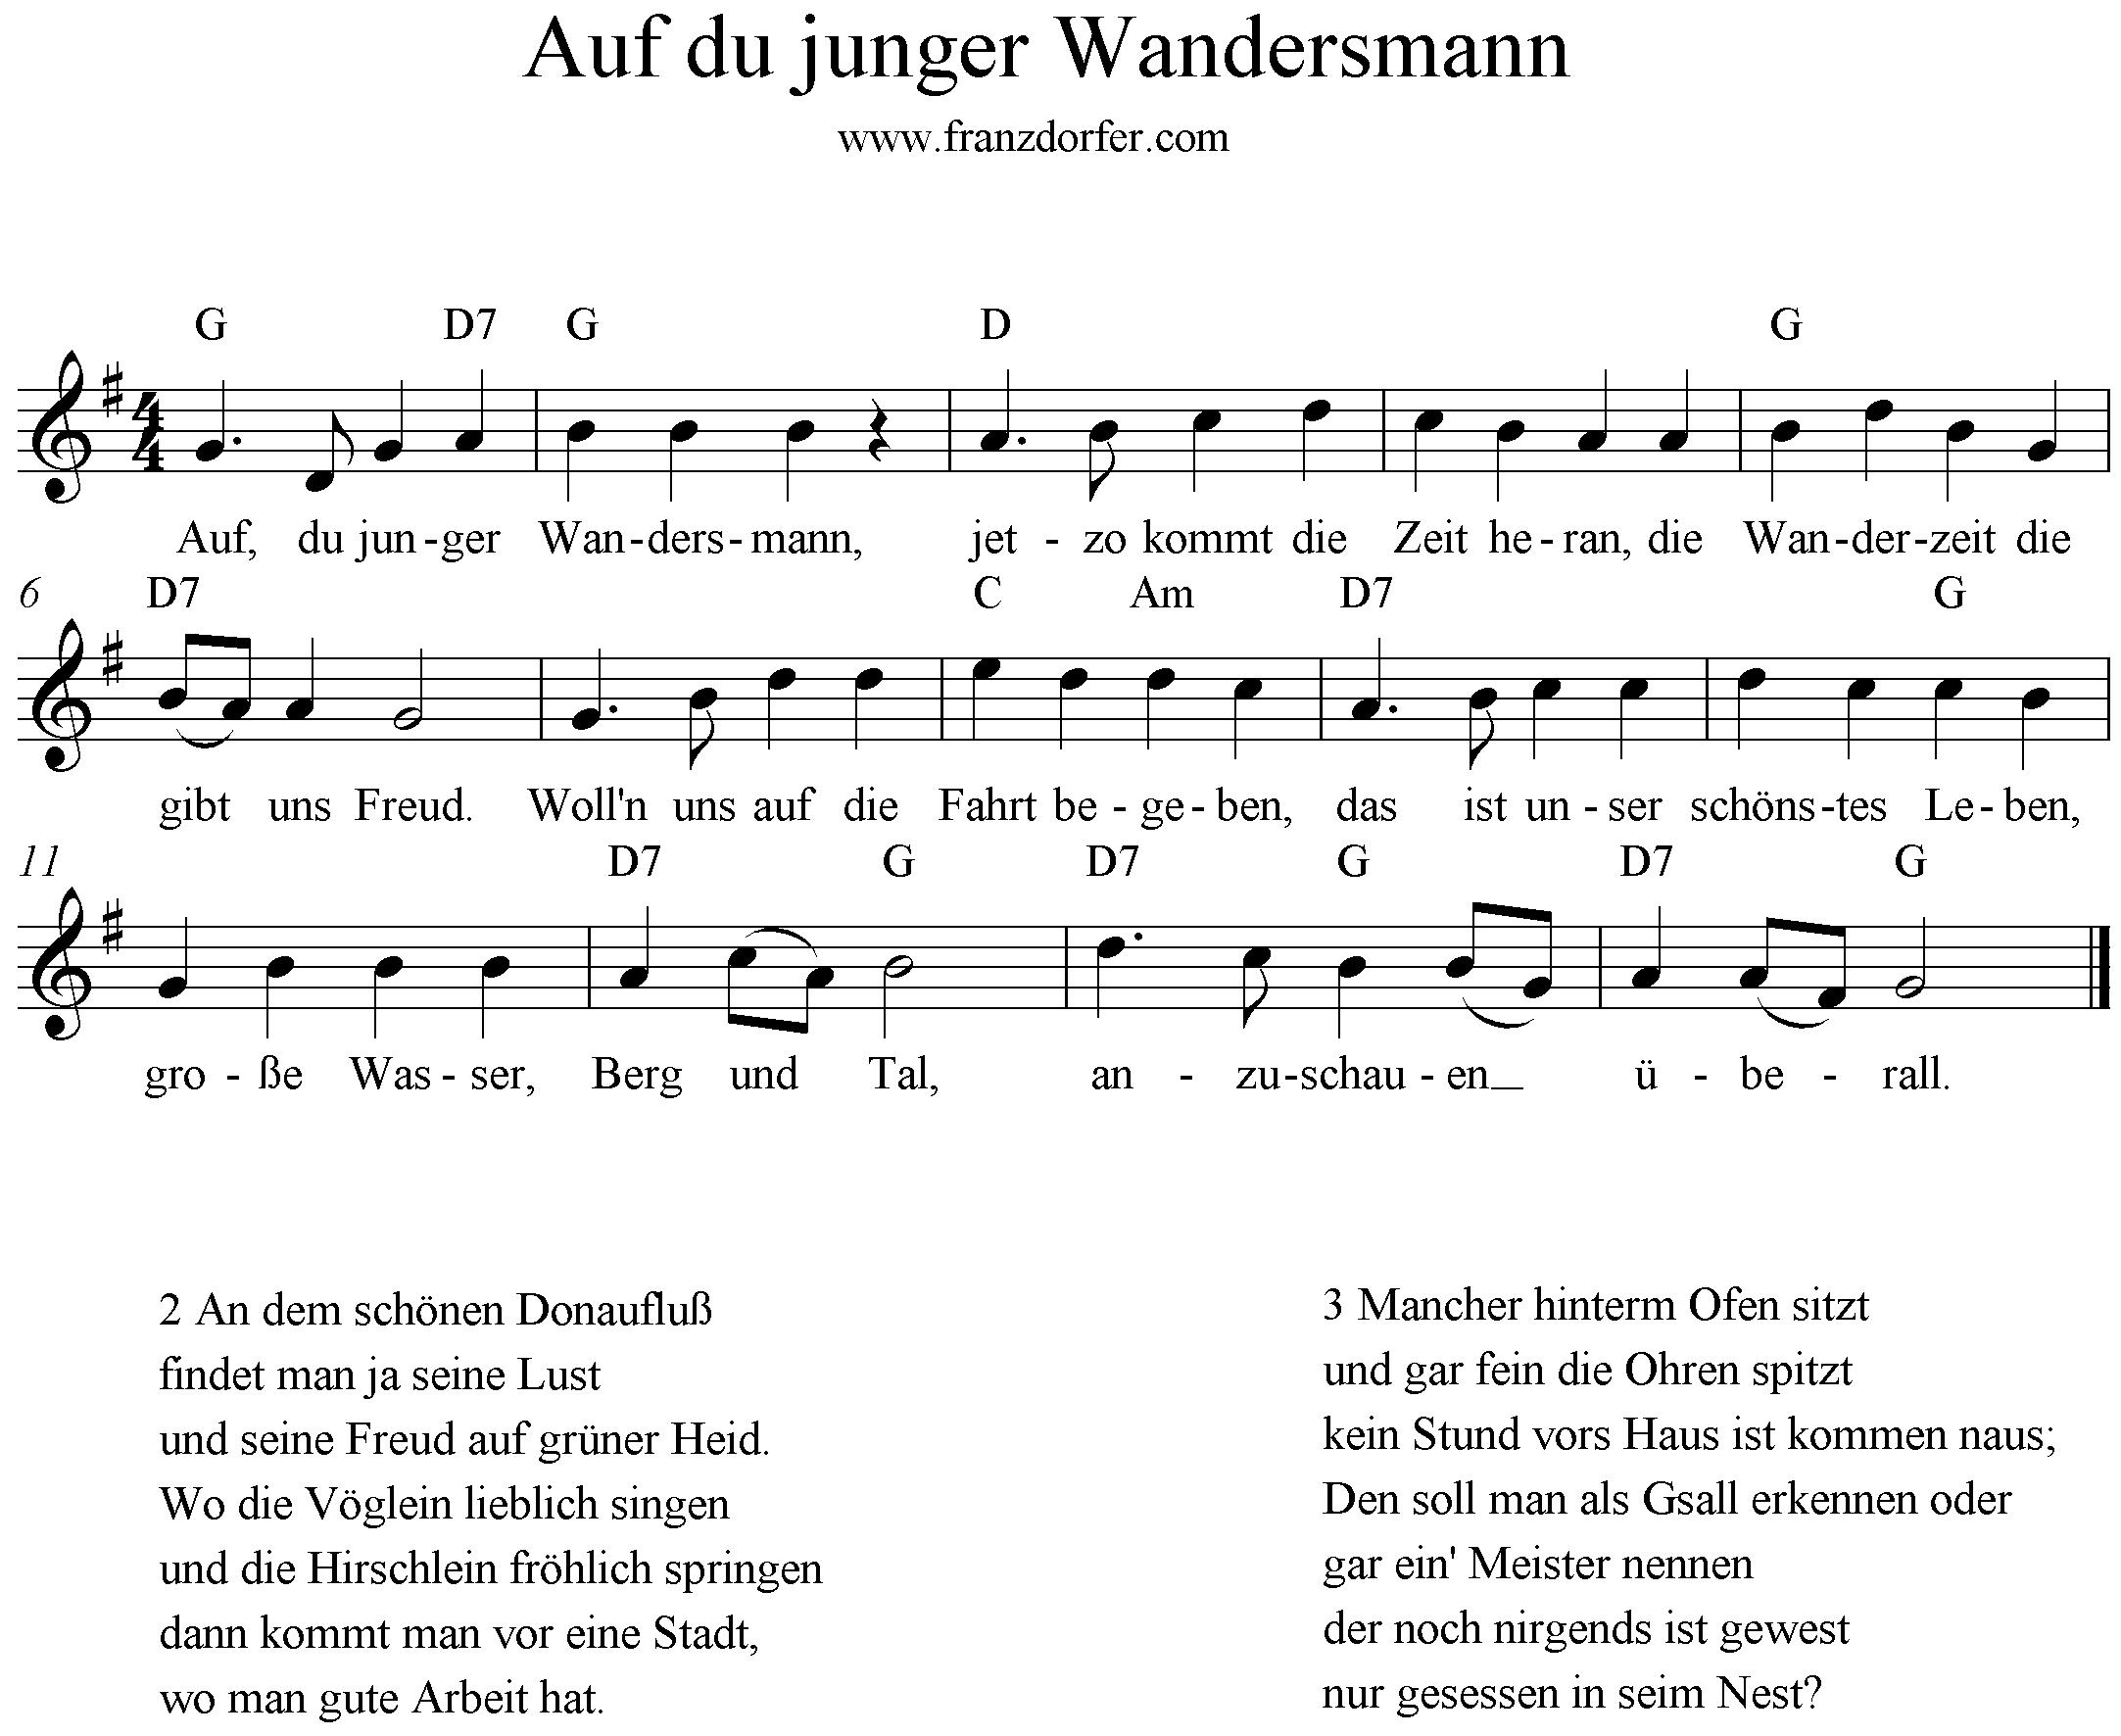 Noten Auf du junger wandersmann G-Dur, Blöckflöte